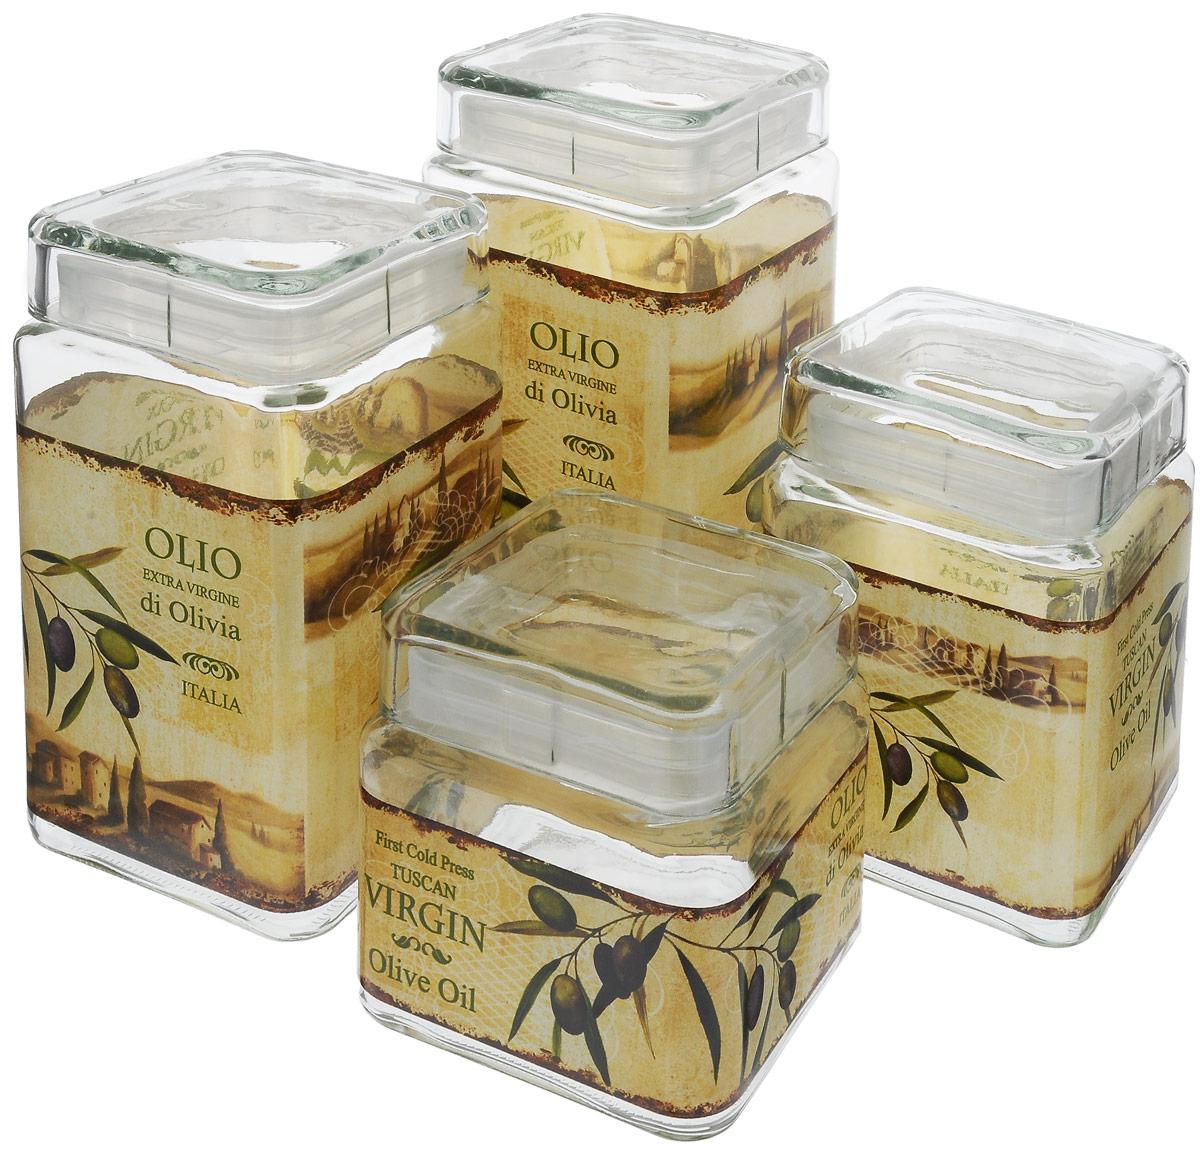 Набор банок для сыпучих продуктов SinoGlass, 4 предмета. 9356C009356C00Набор SinoGlass состоит из четырех банок разного объема, предназначенных для хранения сыпучих продуктов. Изделия выполнены из высококачественного стекла и декорированы изображением оливок. Крышки оснащены силиконовыми вставками, которые позволяют герметично закрывать емкости и сохранить свежесть продуктов. Банки прекрасно подходят для круп, орехов, сухофруктов, чая, кофе, сахара и многого другого. Оригинальный и необычный дизайн набора SinoGlass прекрасно впишется в интерьер вашей кухни. А также станет желанным подарком для любой хозяйки. Объем первой банки: 800 мл. Размер первой банки: 10 х 10 х 11 см. Объем второй банки: 1,1 л. Размер второй банки: 10 х 10 х 15 см. Объем третьей банки: 1,6 л. Размер третьей банки: 10 х 10 х 19 см. Объем четвертой банки: 1,9 л. Размер четвертой банки: 10 х 10 х 22,5 см.